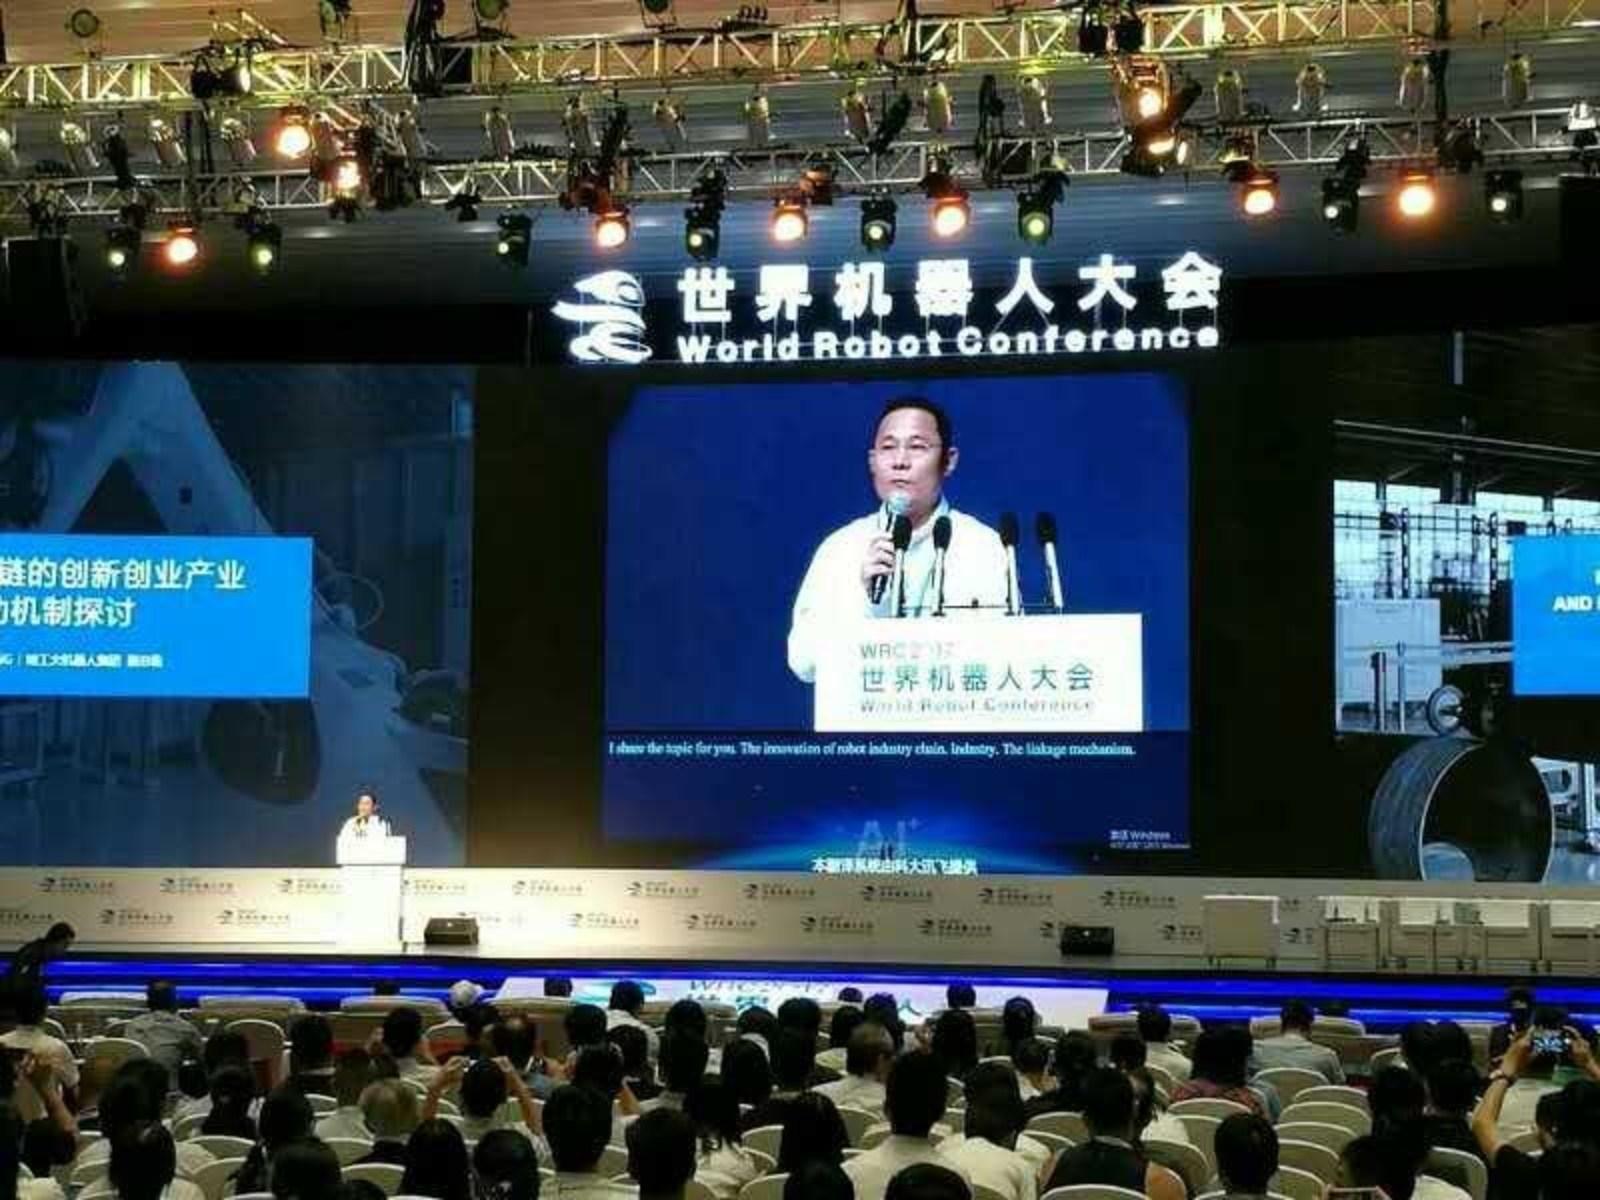 Yu Zhenzhong giving a speech at WRC2017